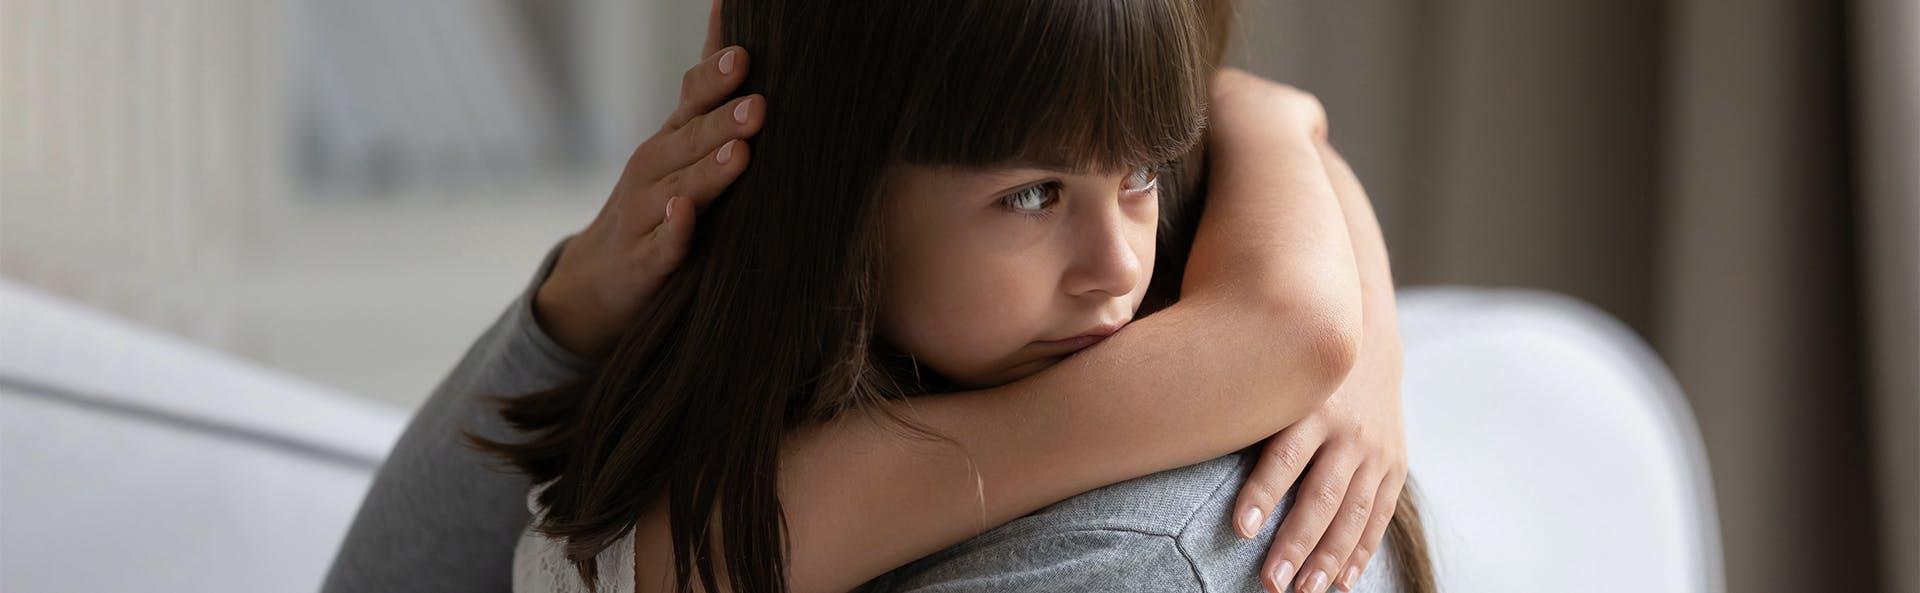 Niña abrazando a su mamá.